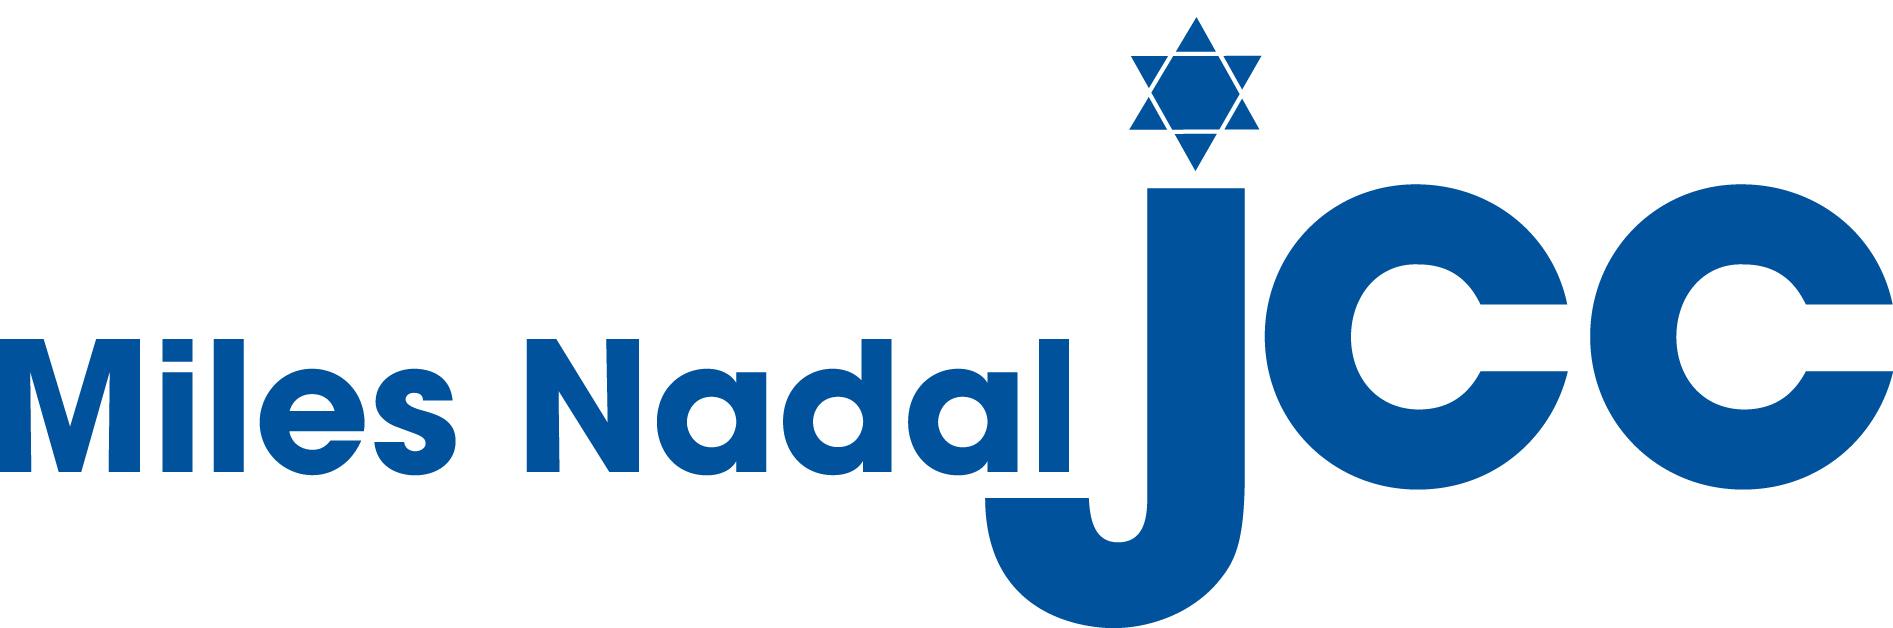 Miles Nadal JCC Logo.jpg